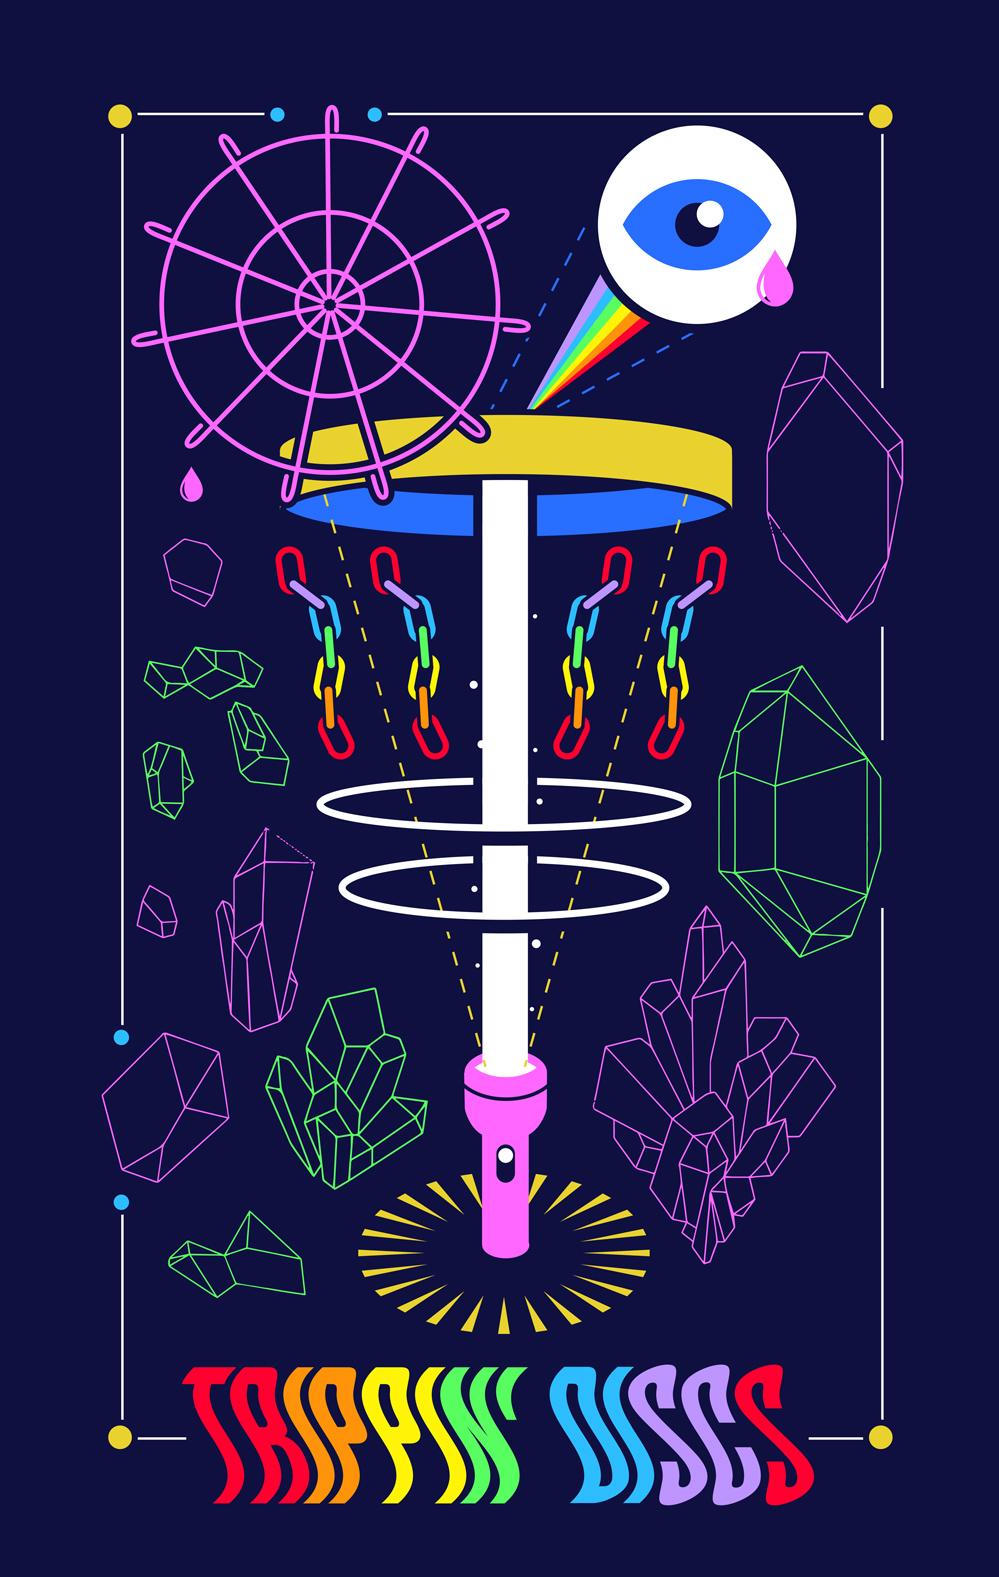 trippindiscs_poster.jpg